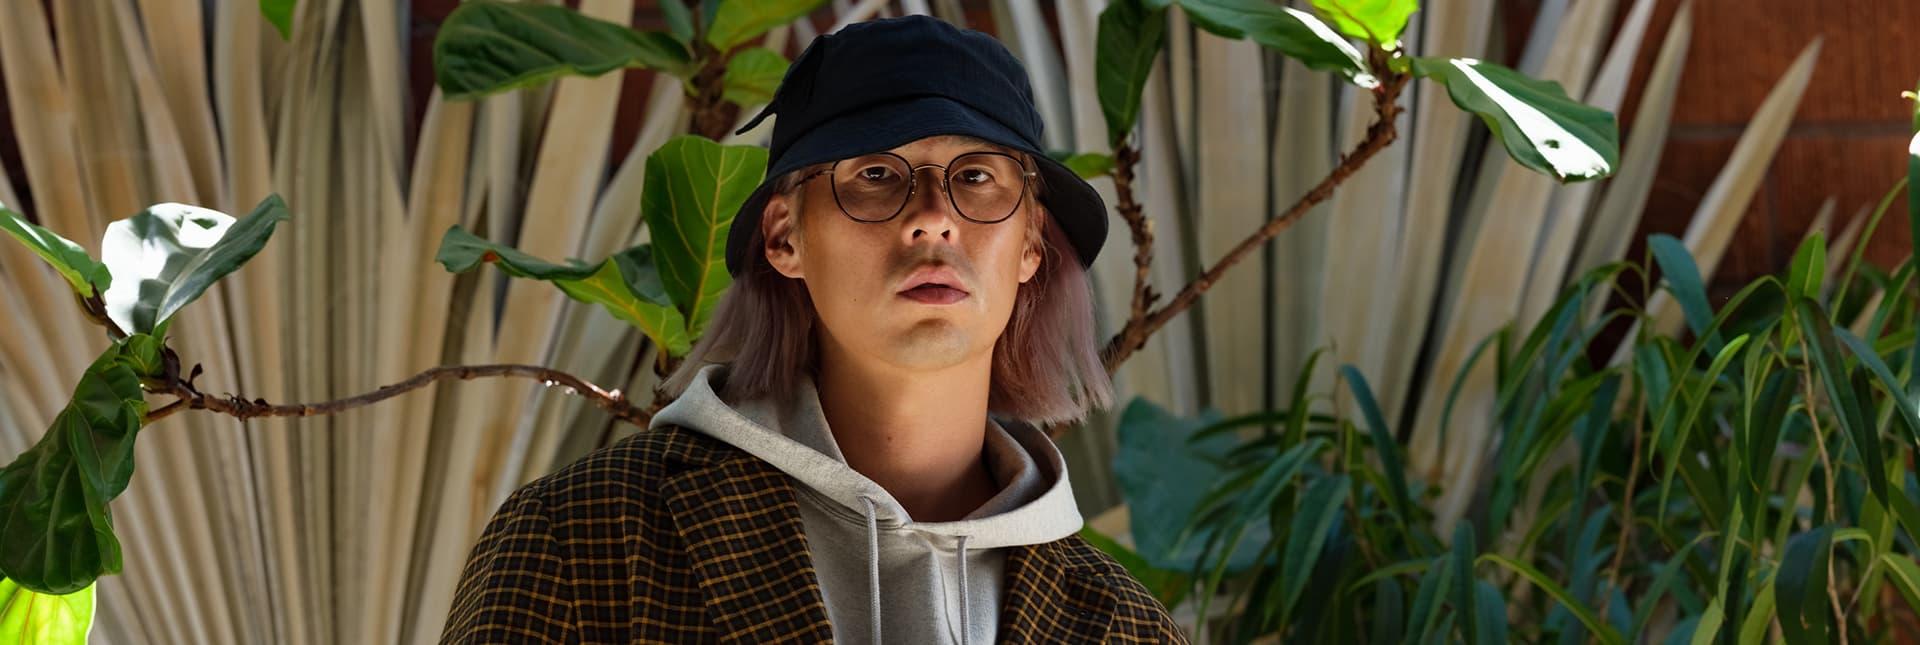 Garrett Leight® Eyeglasses